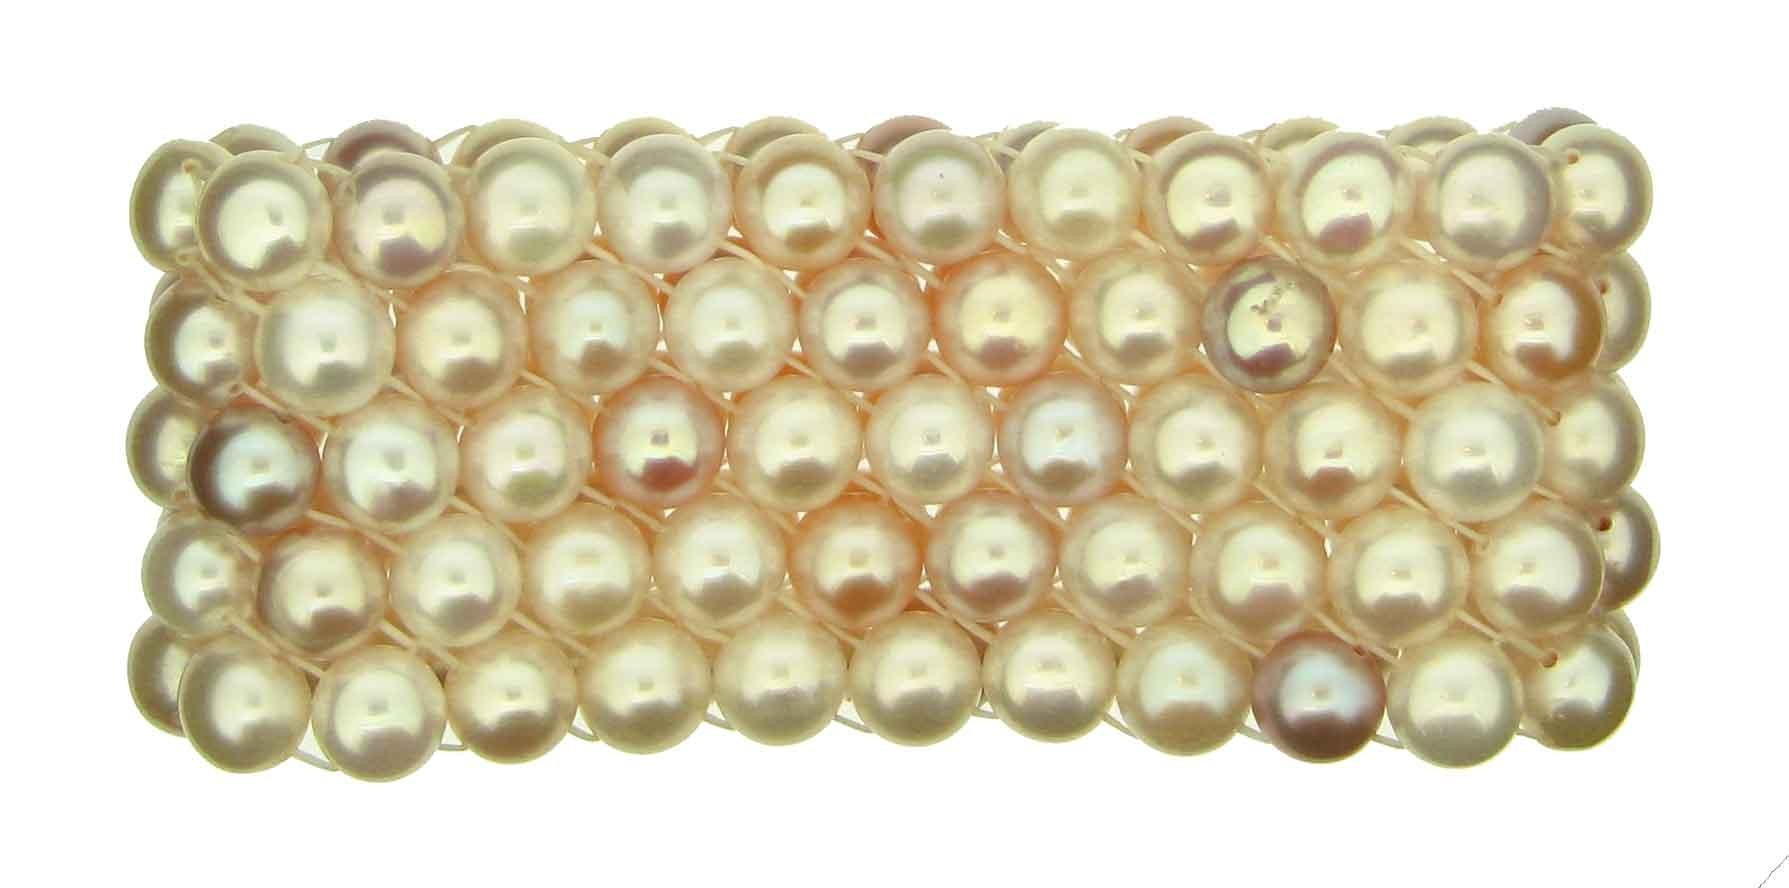 Armband Süsswasserperlen - Schoeffel/Perle - 1001006